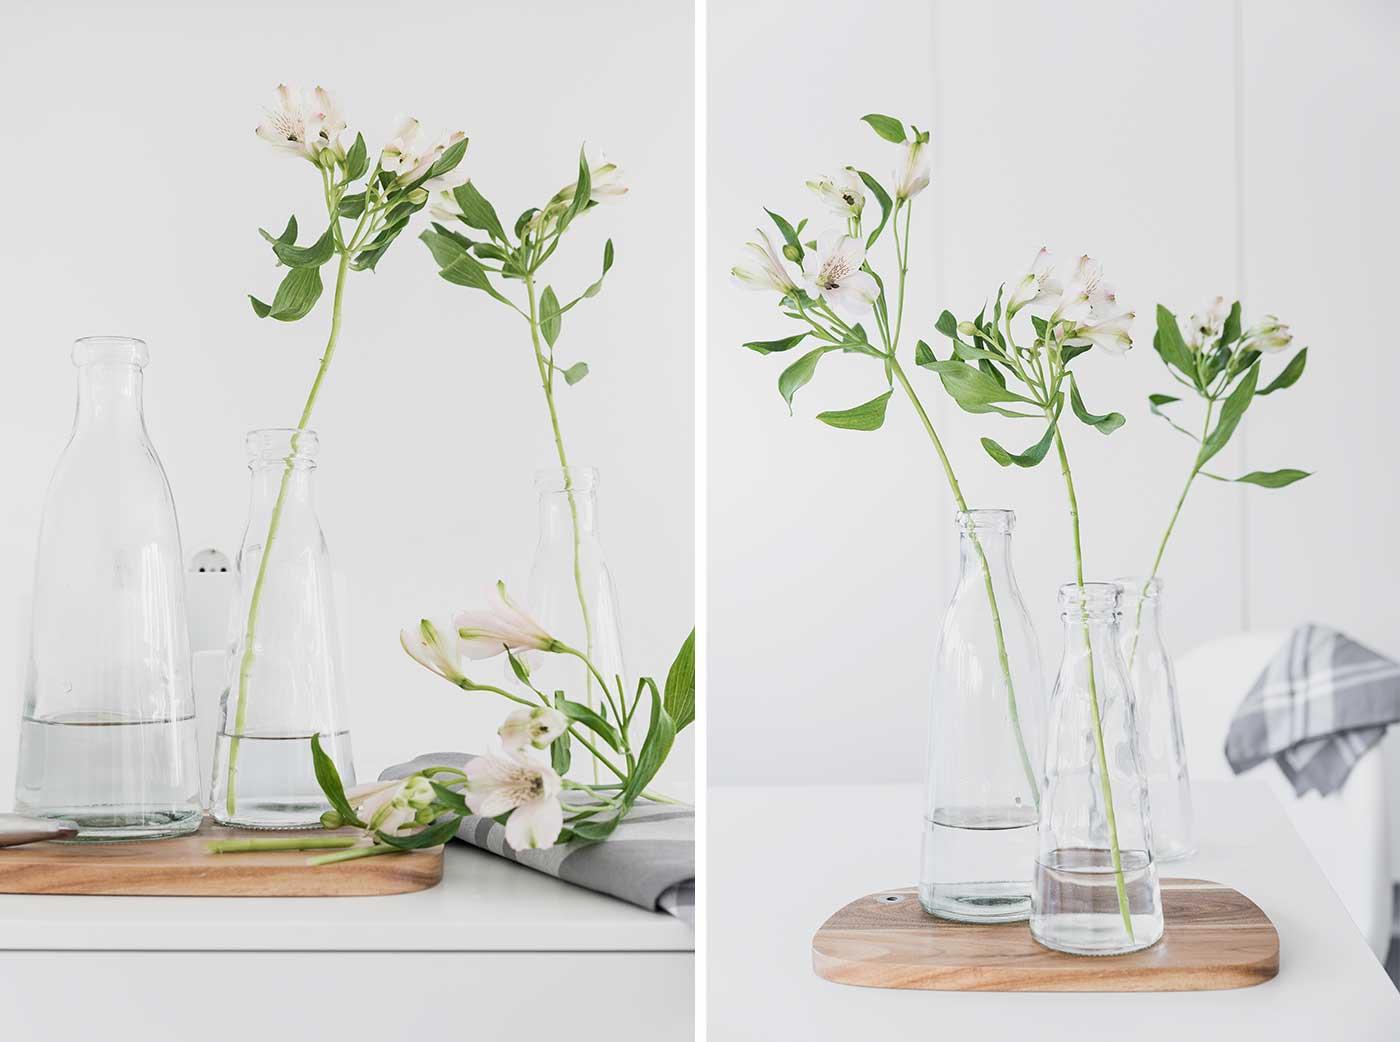 Berühmt Tipps: Welche Blumen passen in welche Vase? | Schön bei dir by DEPOT &YX_35